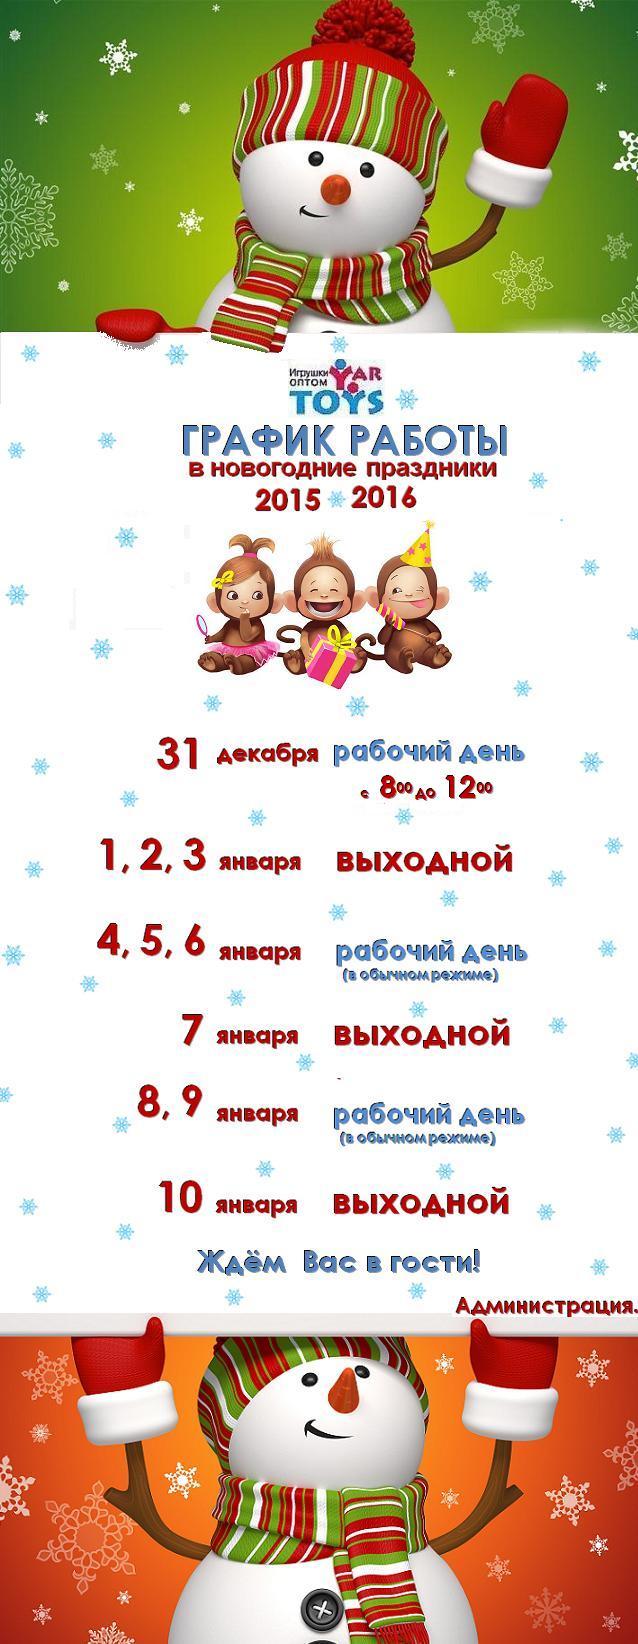 График работы банка открытие в новогодние праздники 2015